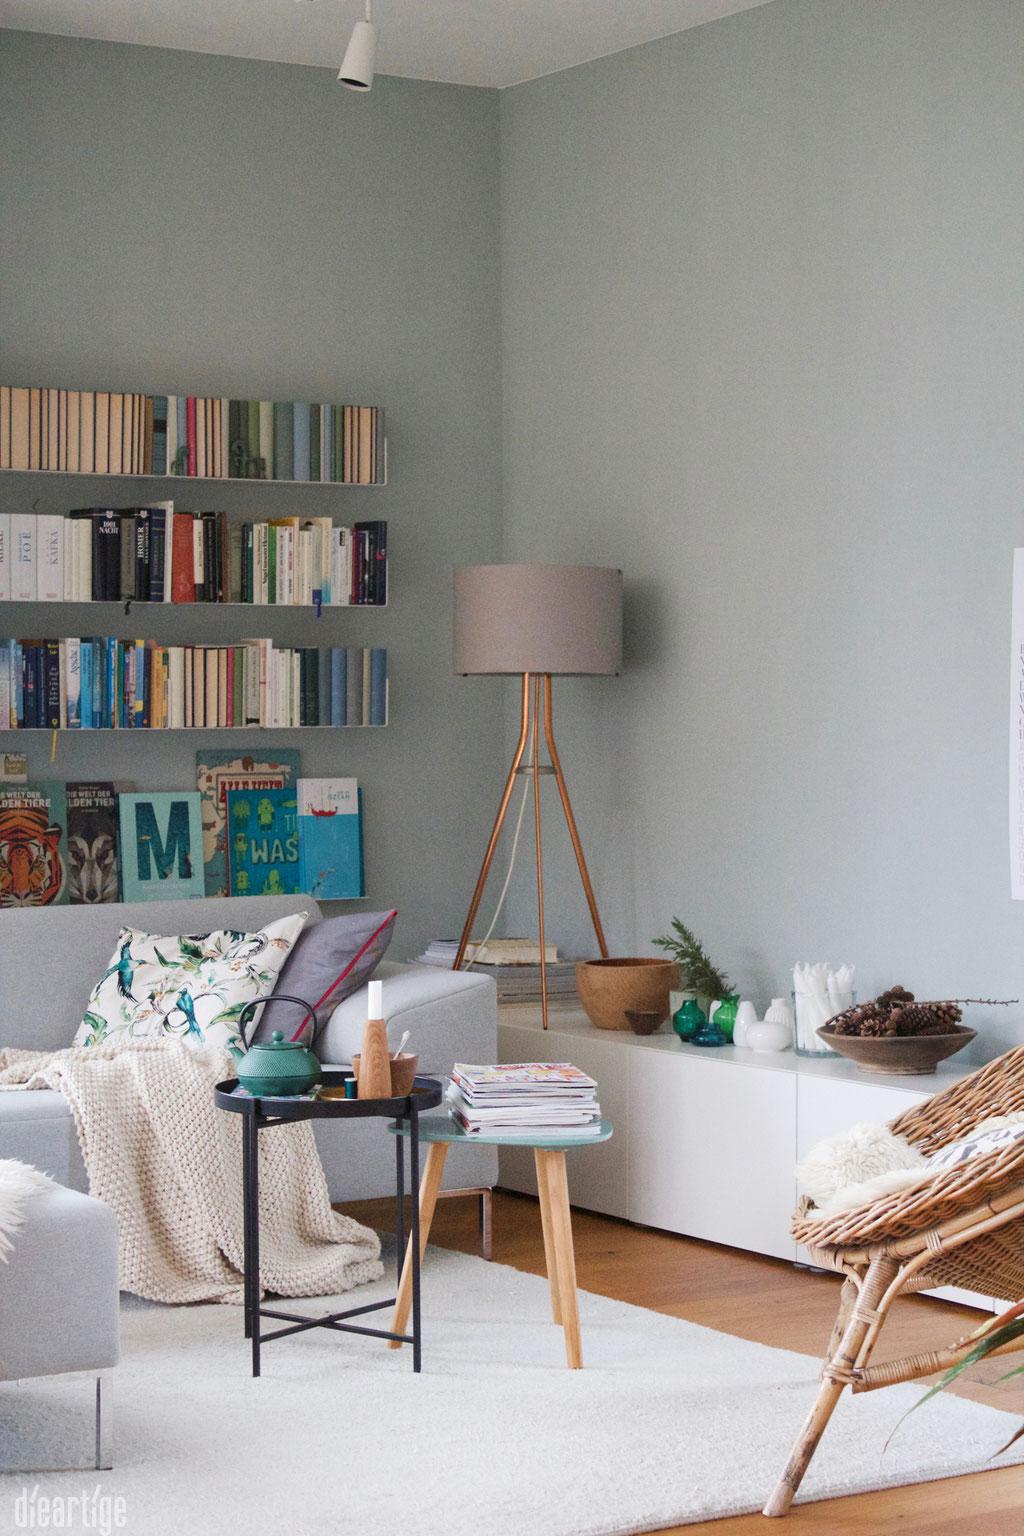 dieartigeBLOG - Wandfarbe Salbei im Wohnzimmer, perfekt zum unsichtbaren Bücherregal + den Holzdetails